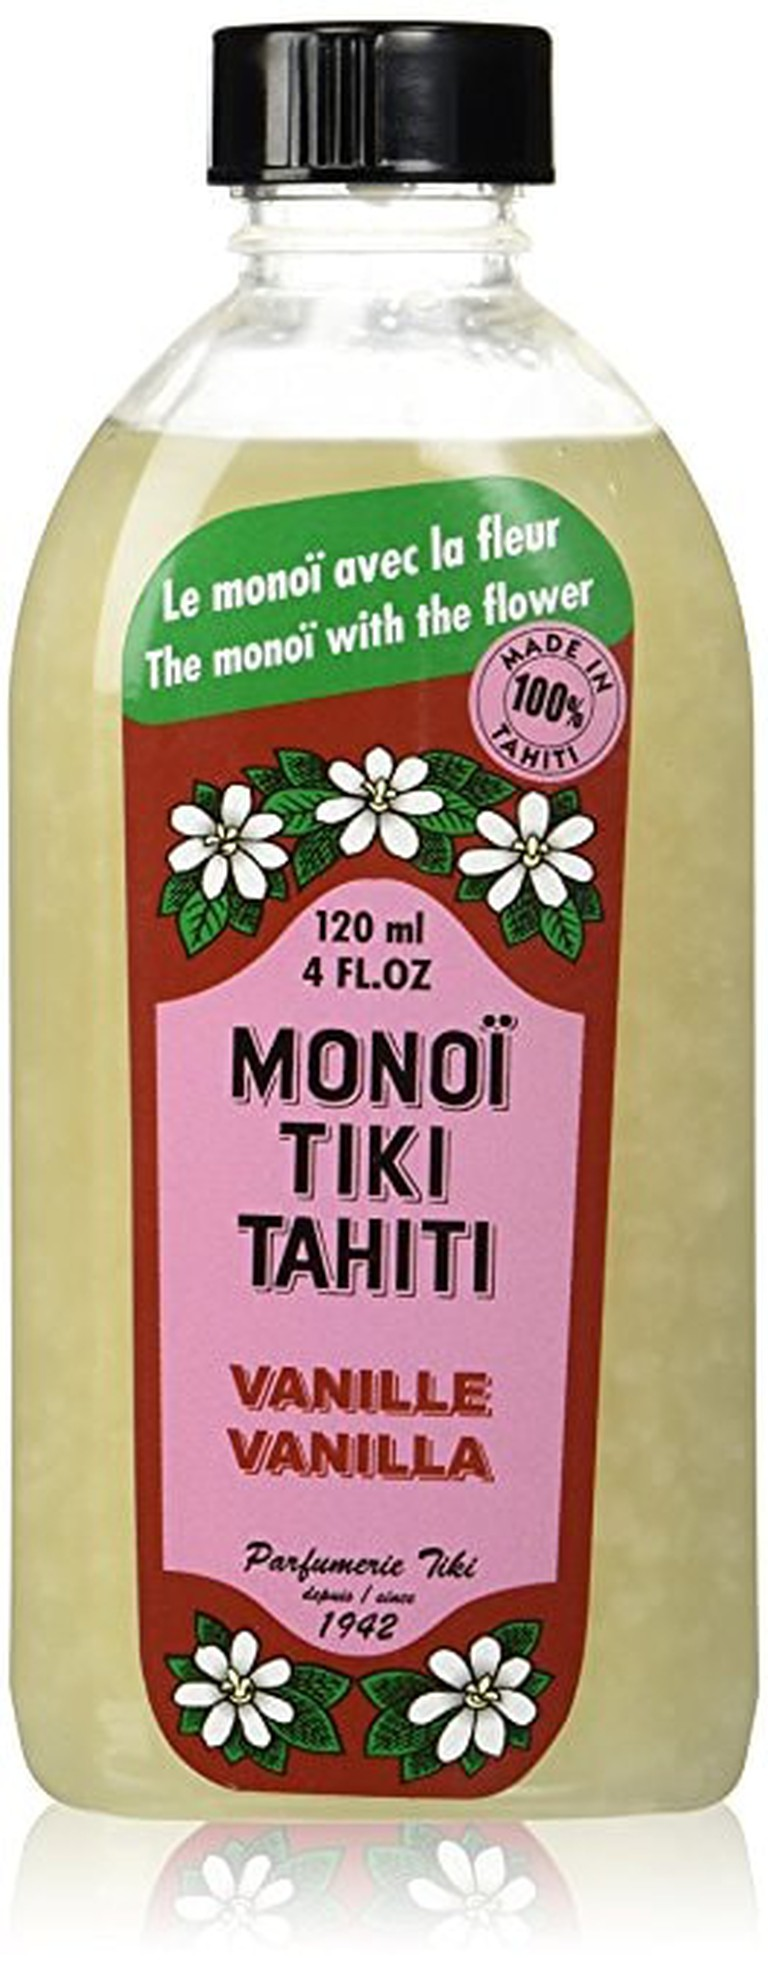 Monoi Tiare Cosmetics Vanilla Coconut Oil